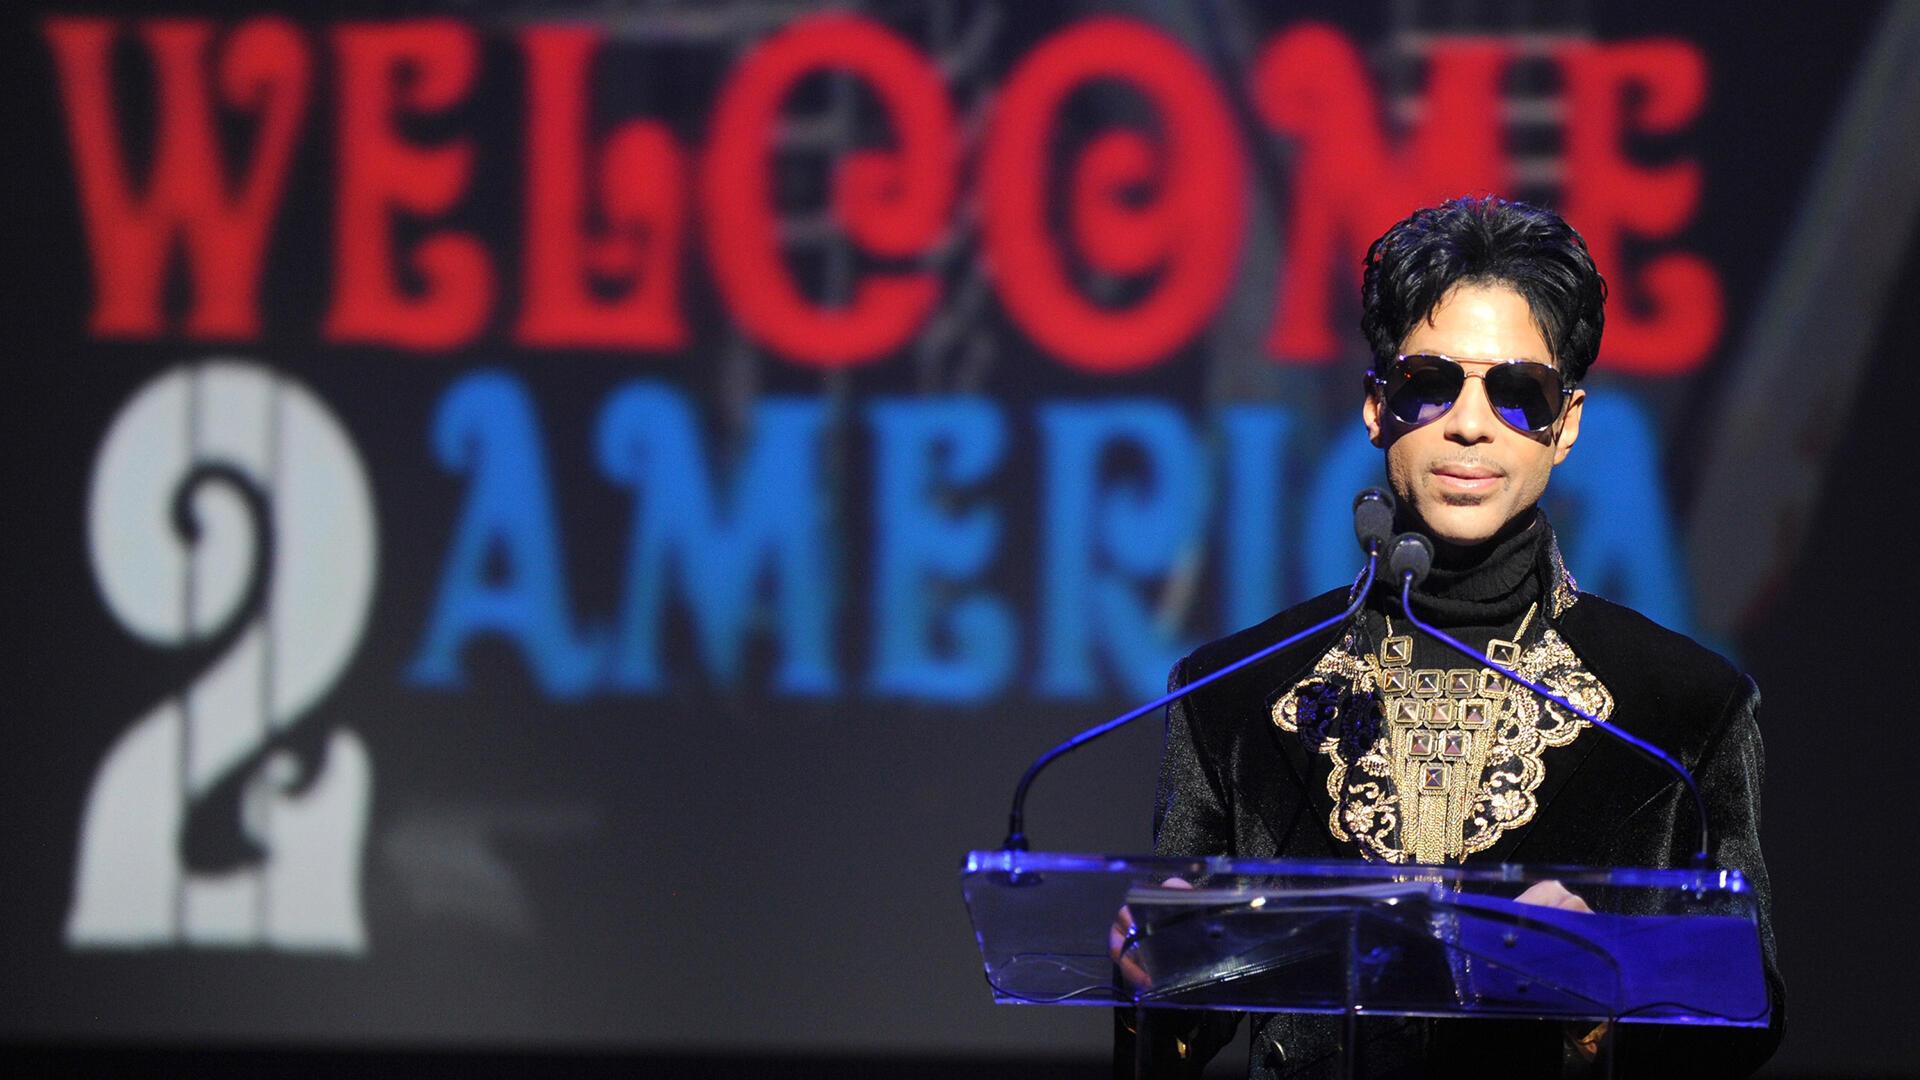 Musique - Prince_GettyImages- Welcome 2 America - 105467693_Epopée des musiques noires